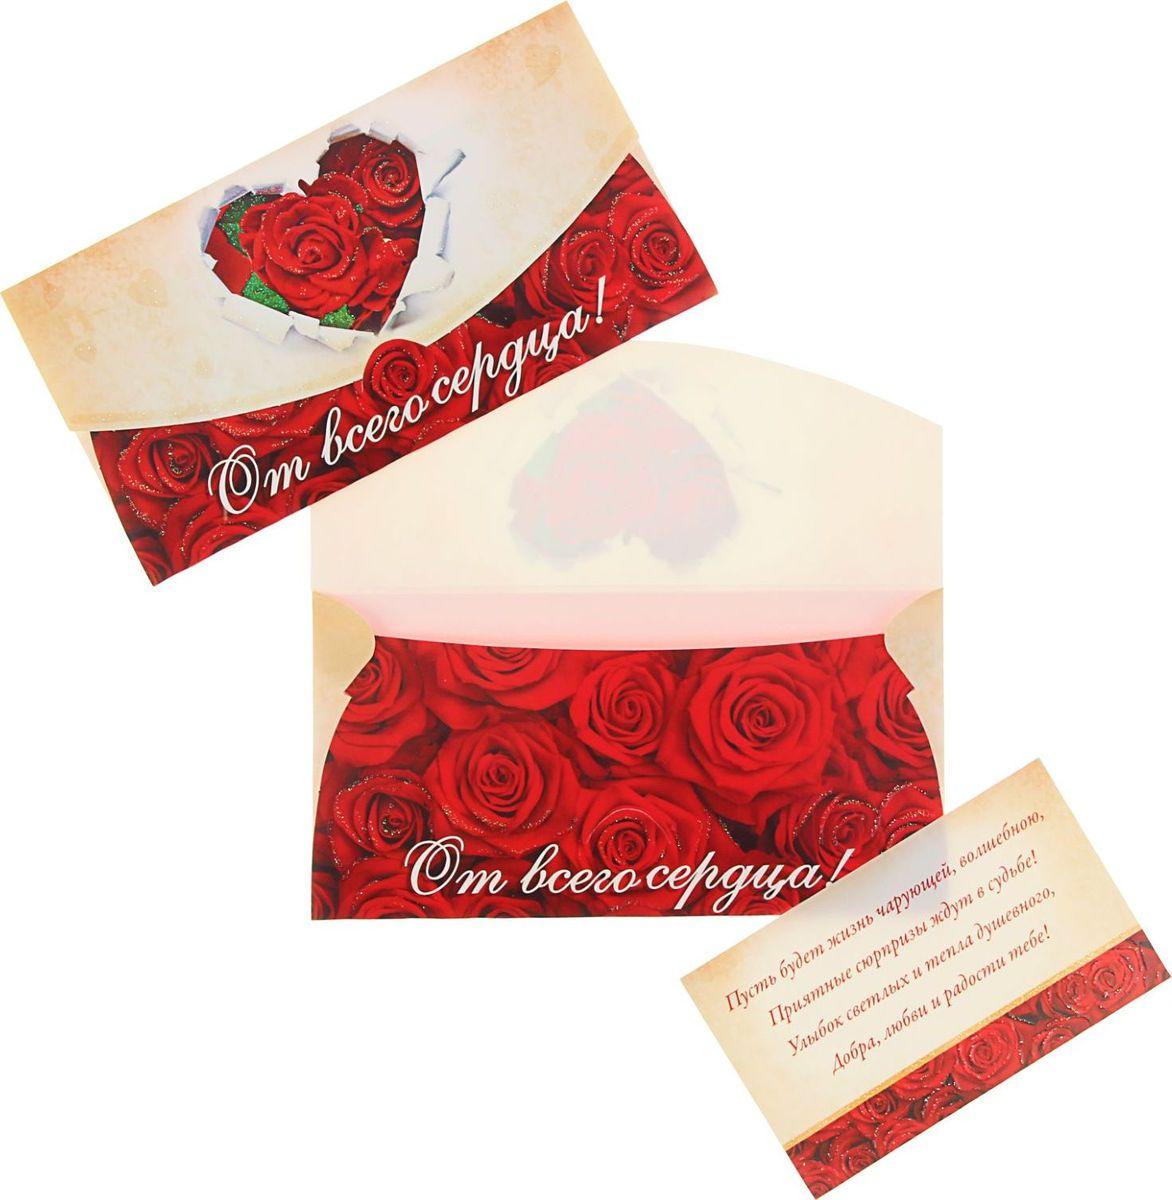 Конверт для денег Русский дизайн От всего сердца! Сердце и красные розы, 16,5 х 8,5 см1418524Невозможно представить нашу жизнь без праздников! Мы всегда ждём их и предвкушаем, обдумываем, как проведём памятный день, тщательно выбираем подарки и аксессуары, ведь именно они создают и поддерживают торжественный настрой. Этот конверт для денег - отличный выбор, который привнесёт атмосферу праздника в ваш дом!